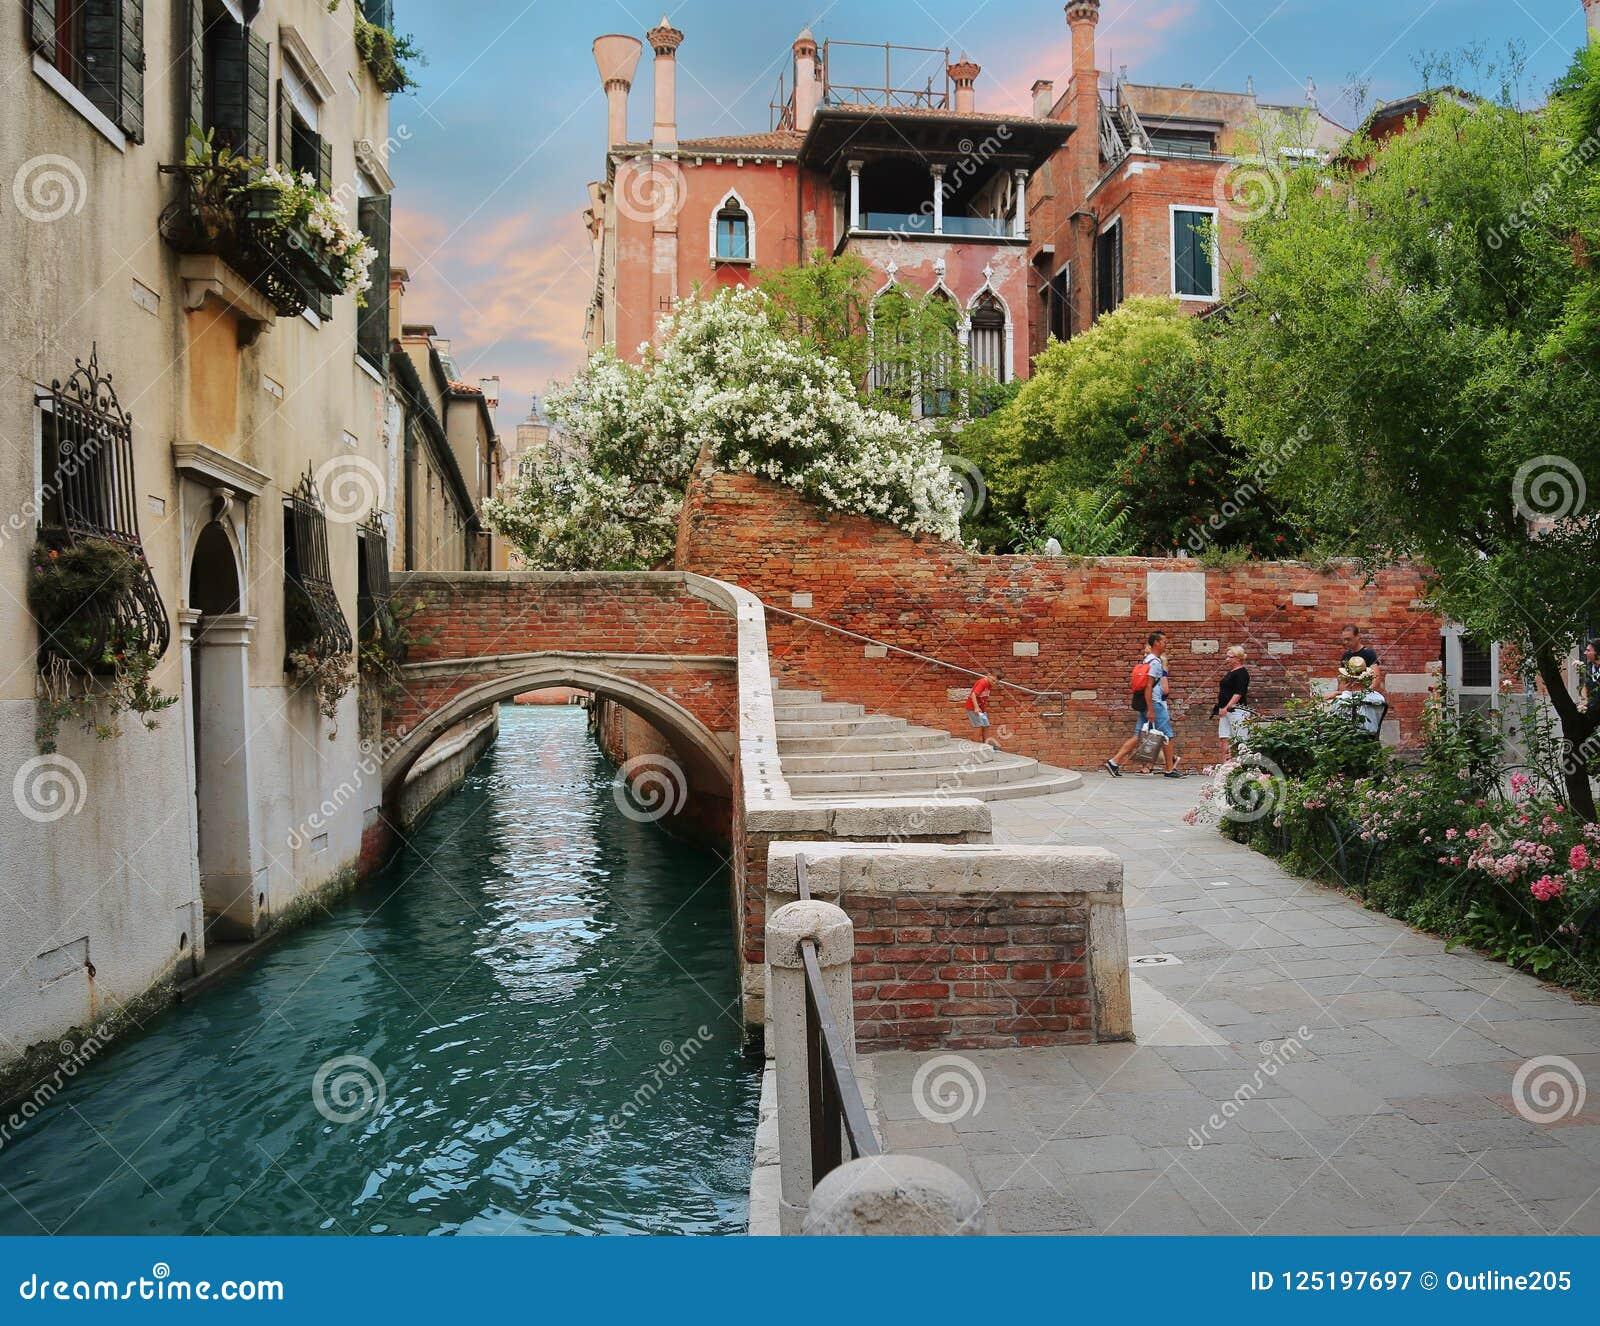 Charmante straten en kanalen van Venetië, Italië